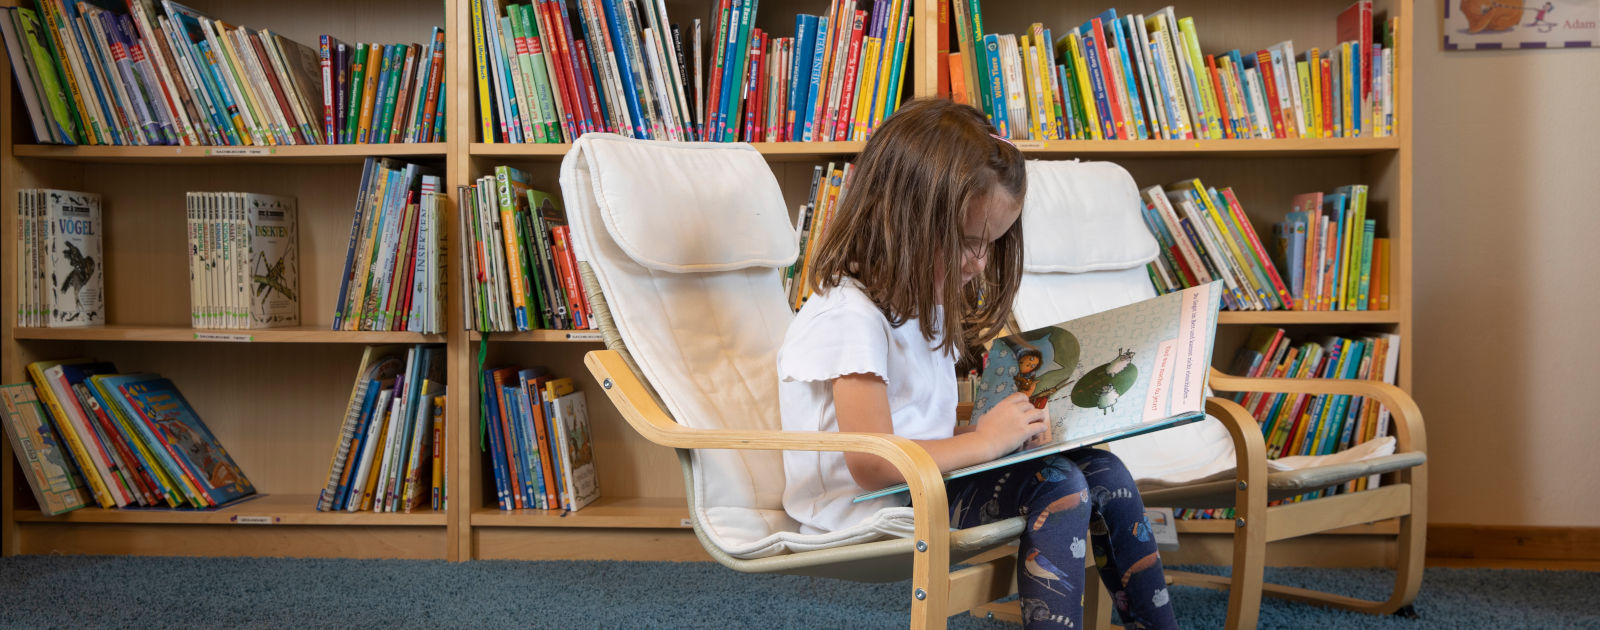 Kind liest ein Buch in einer Leseecke